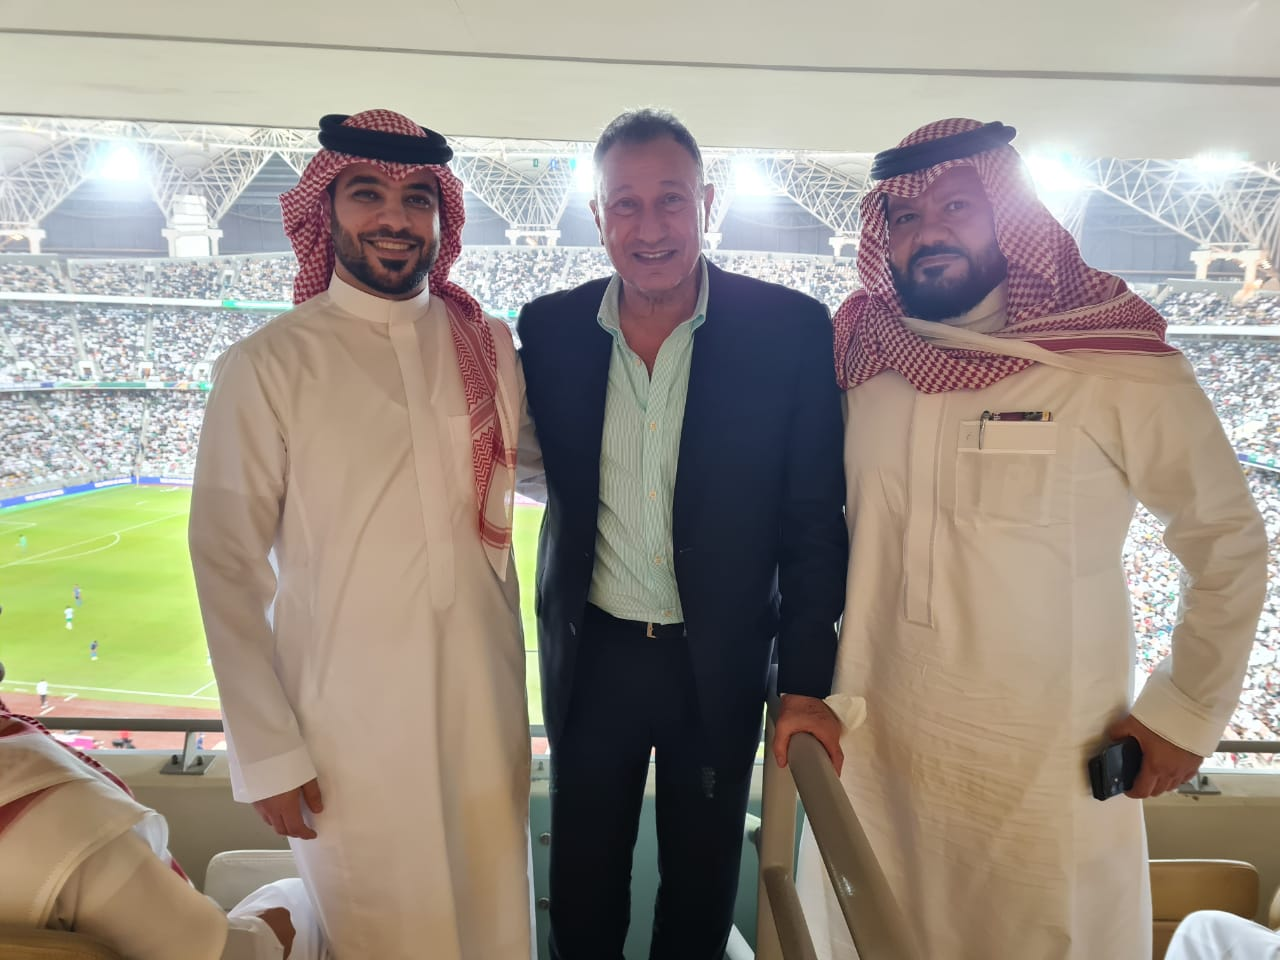 محمود الخطيب - رئيس الاتحاد السعودي